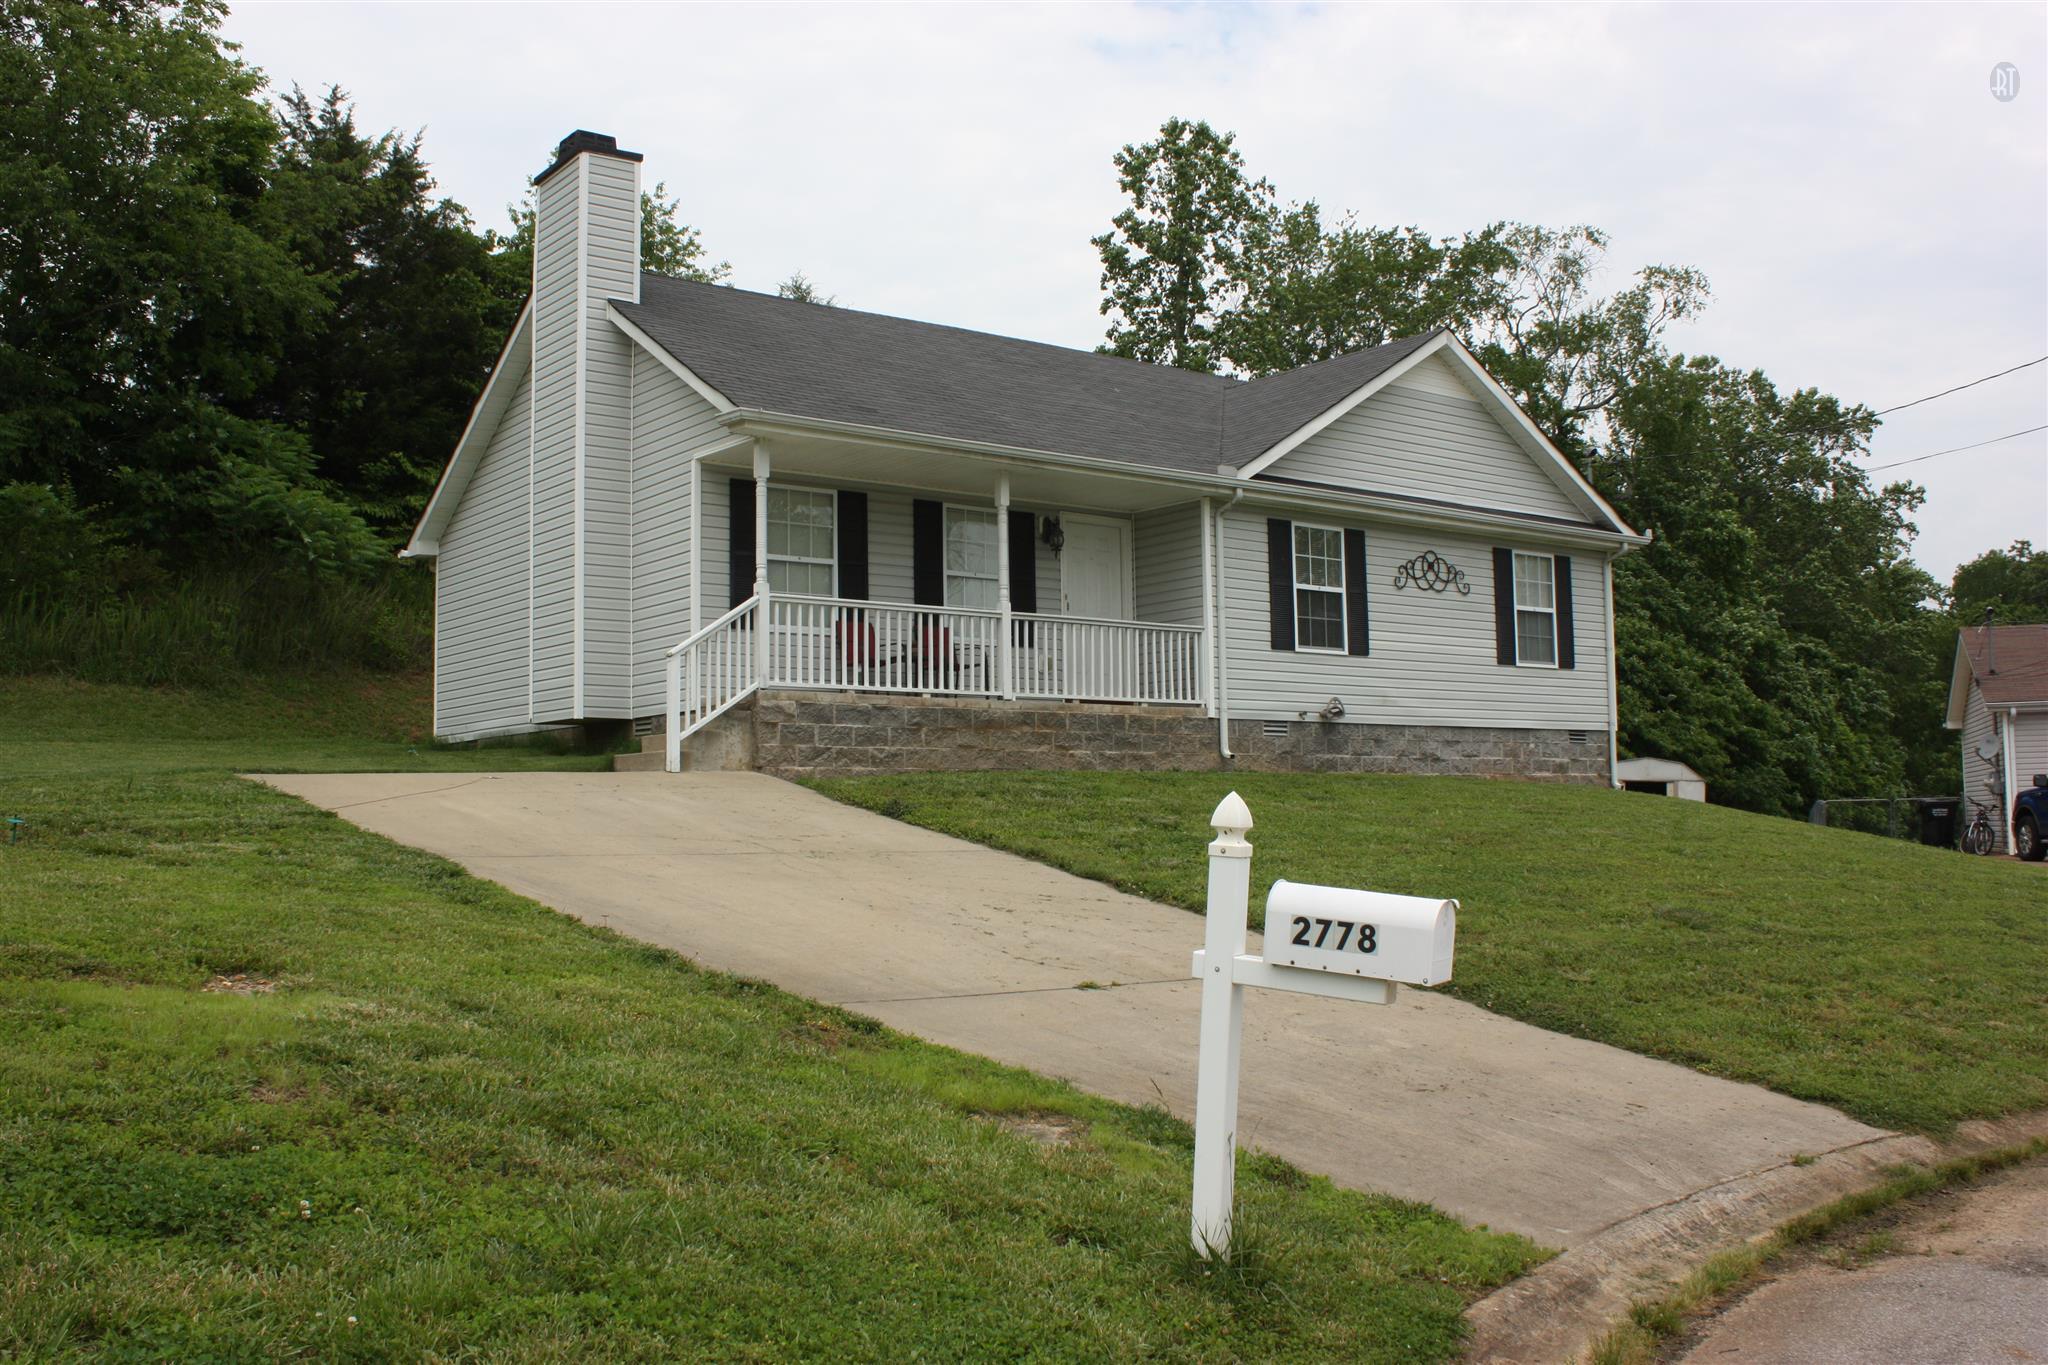 2778 Applemill Ct, Clarksville, TN 37040